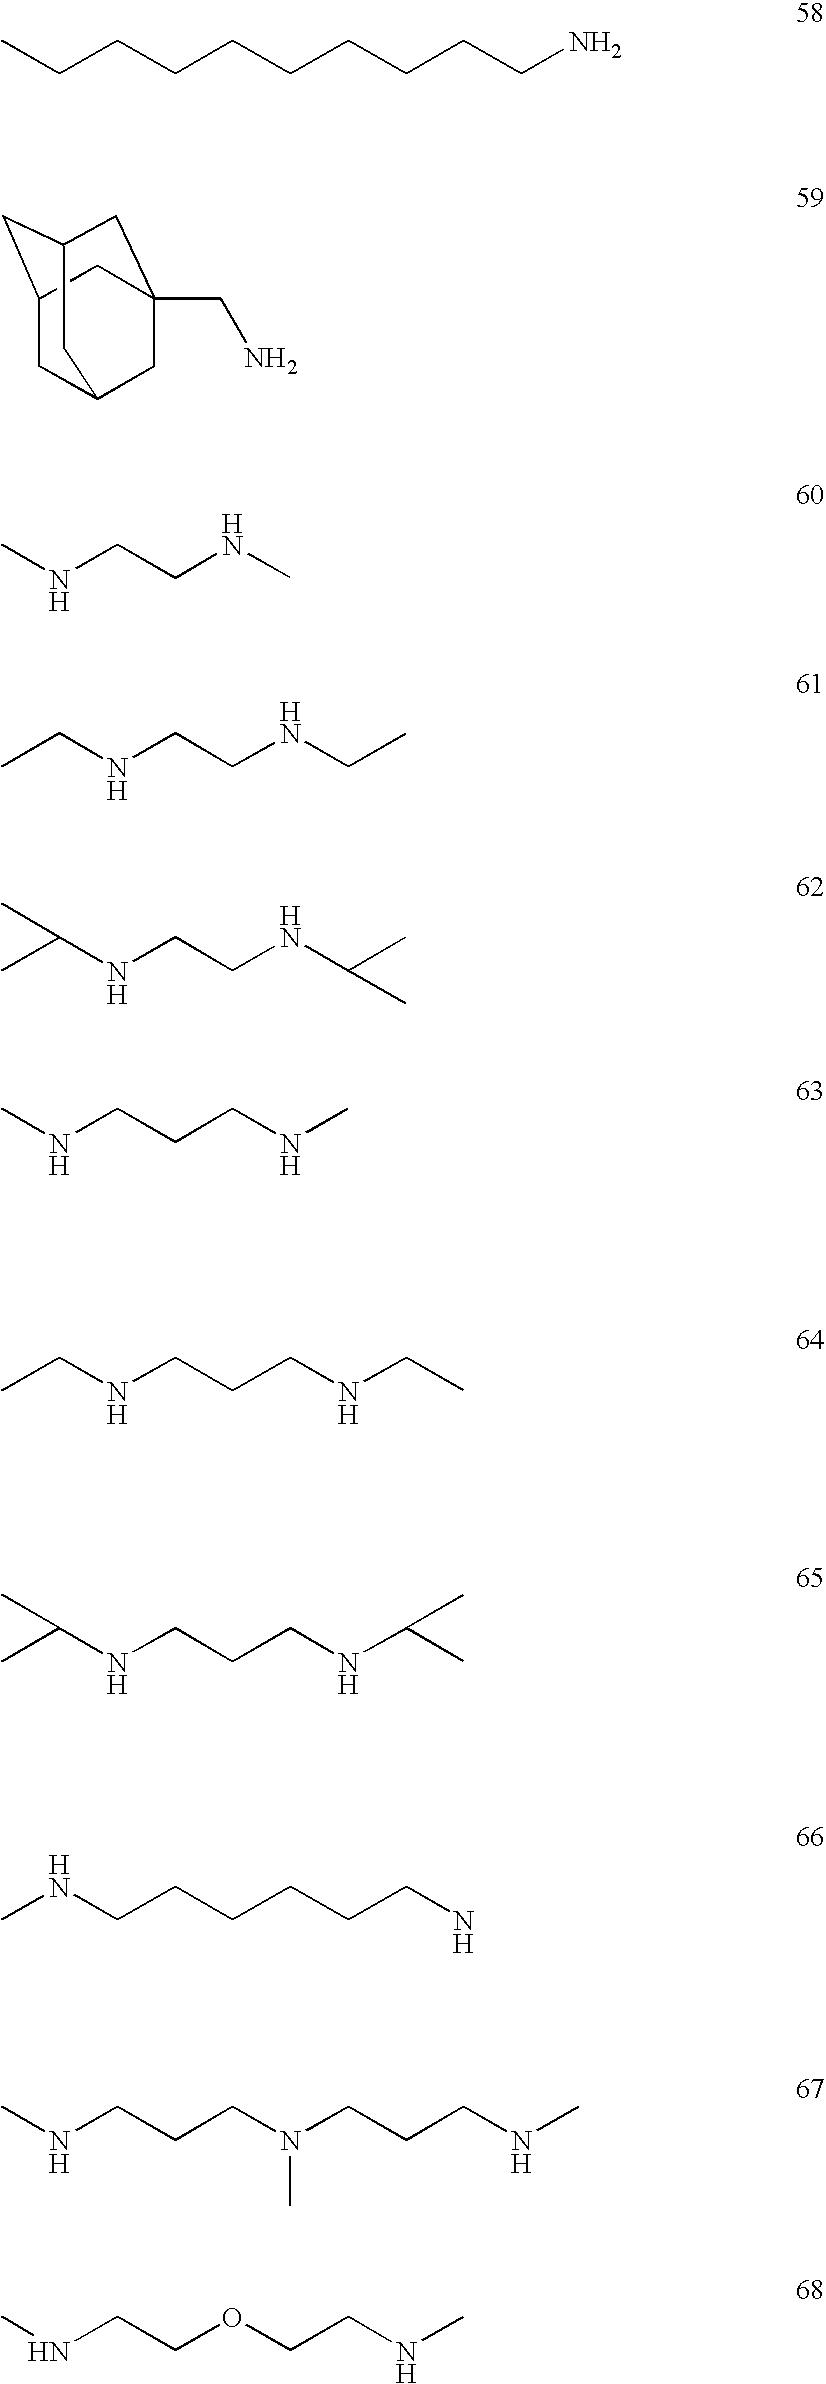 Figure US20050244504A1-20051103-C00022